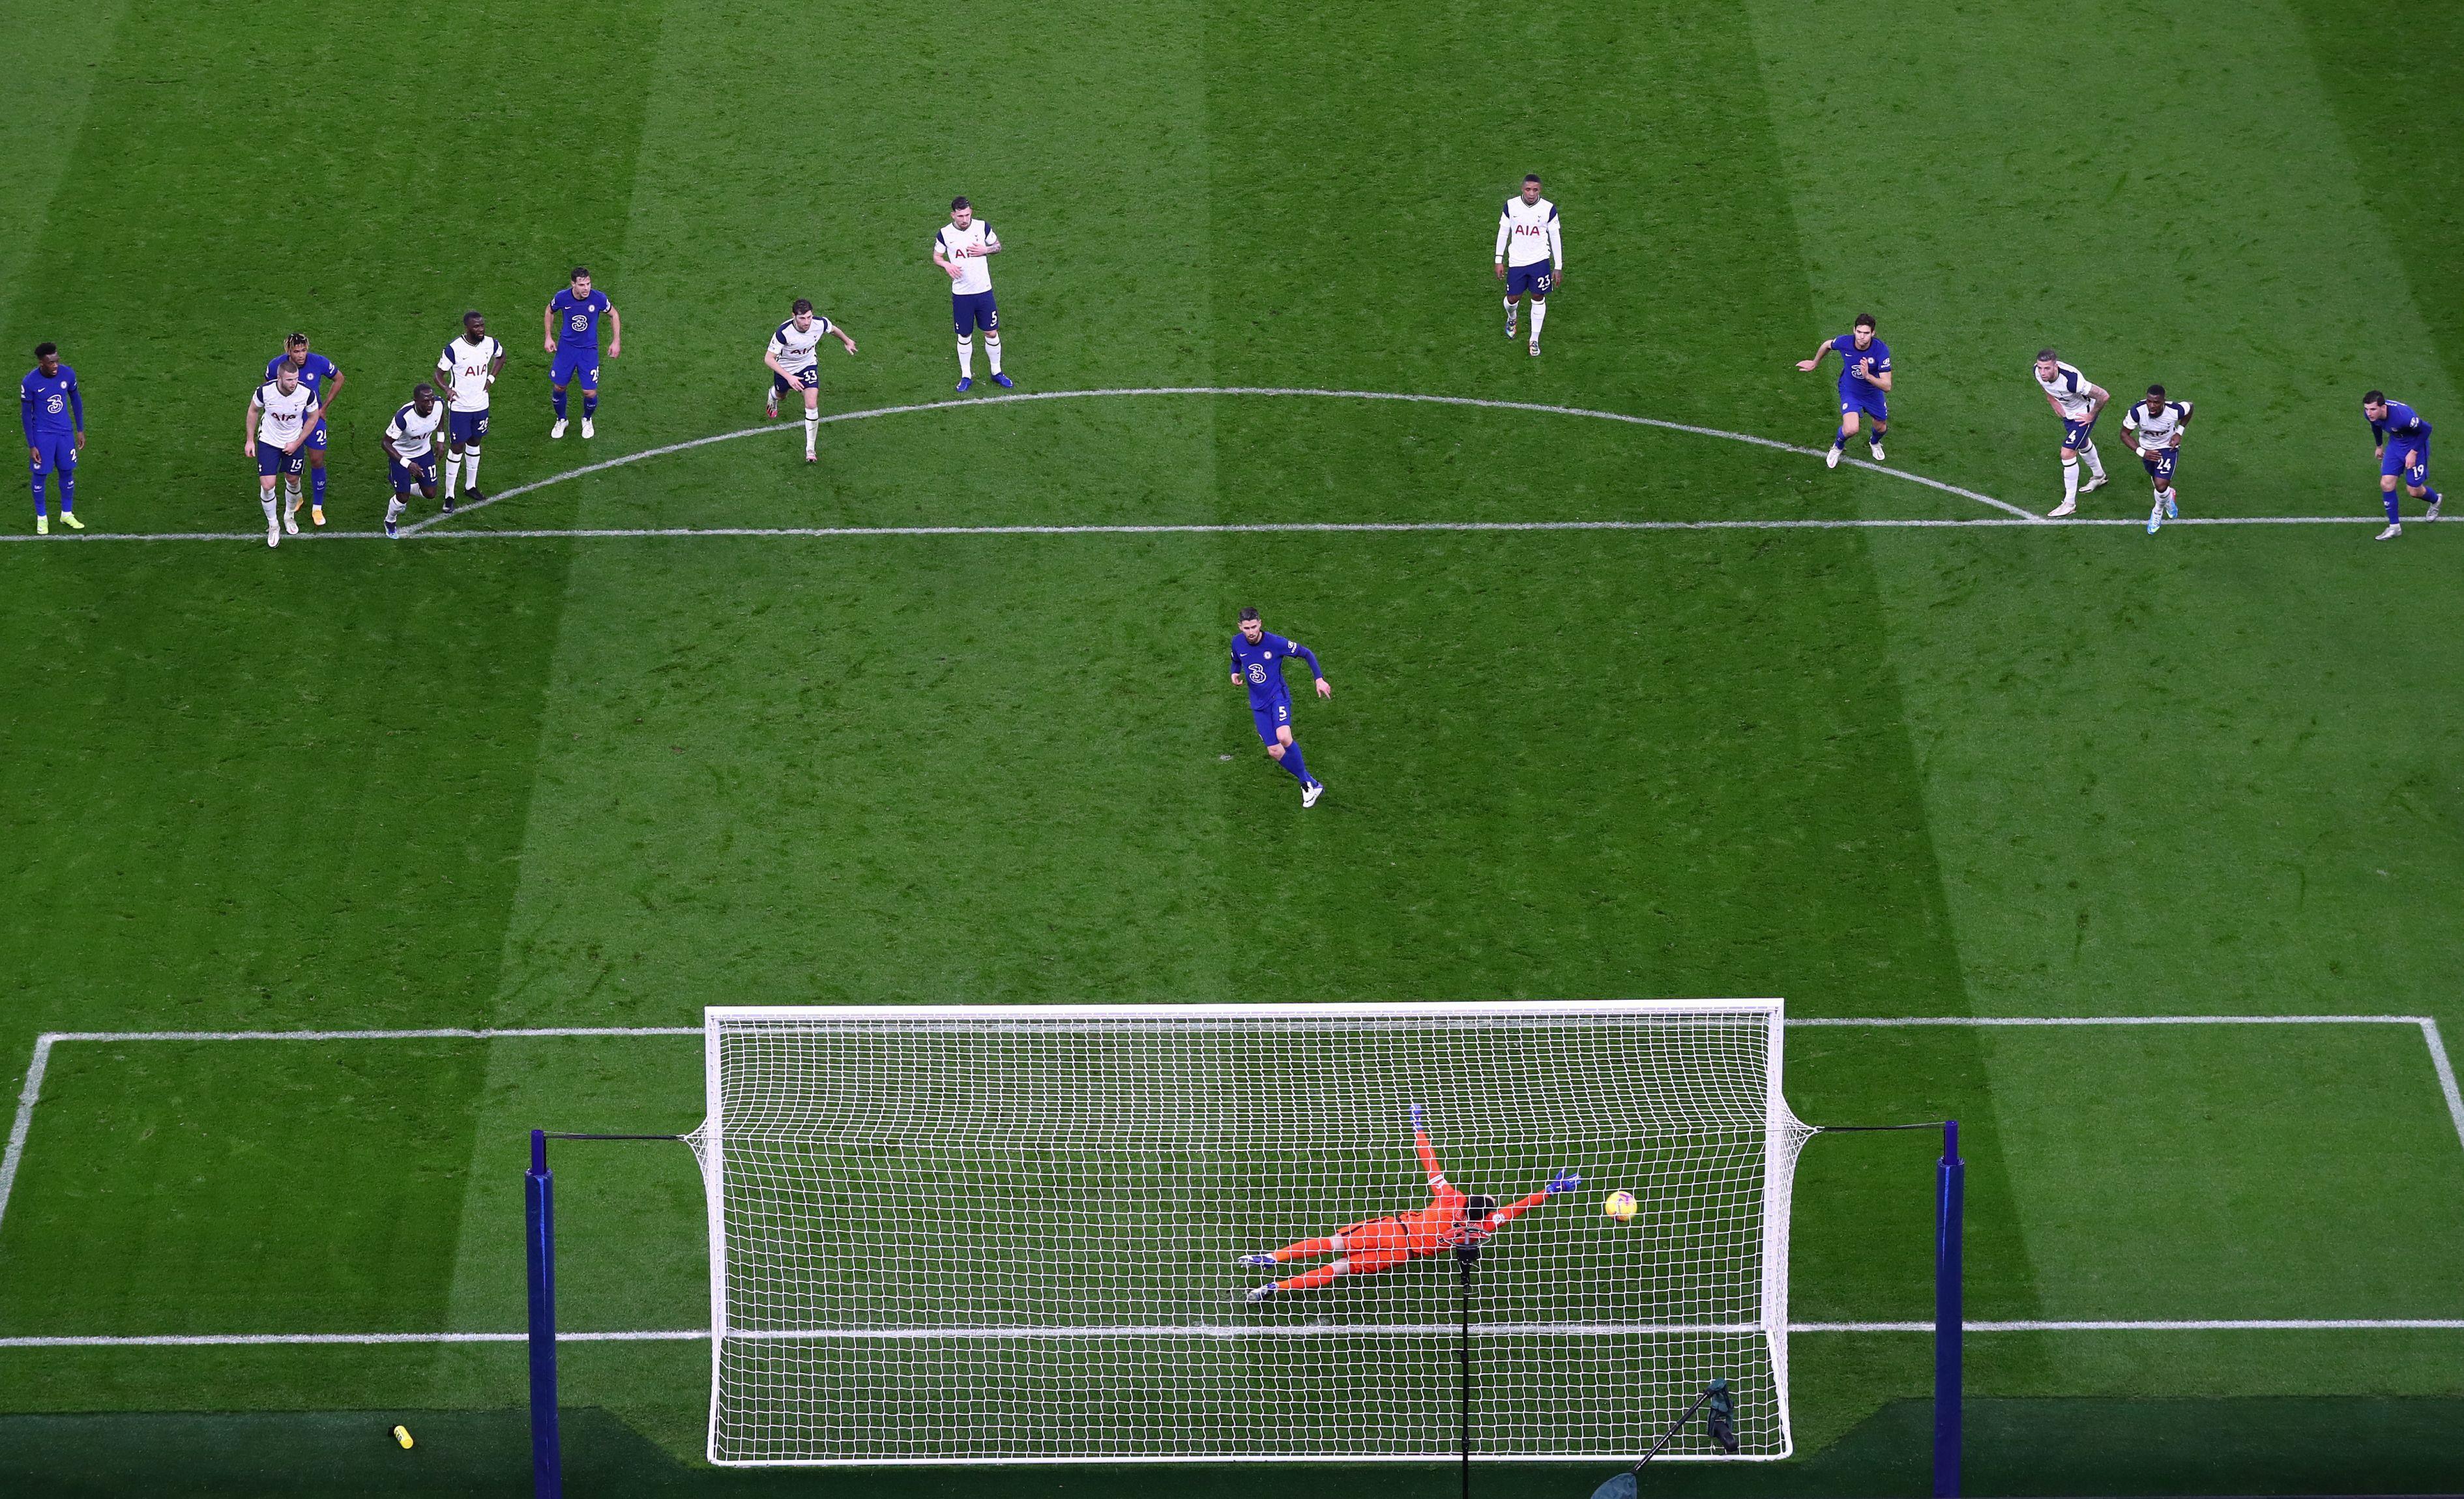 Atletico Madrid - Chelsea joacă la București, pe Arena Națională. De la ce oră începe meciul de fotbal, Champions League